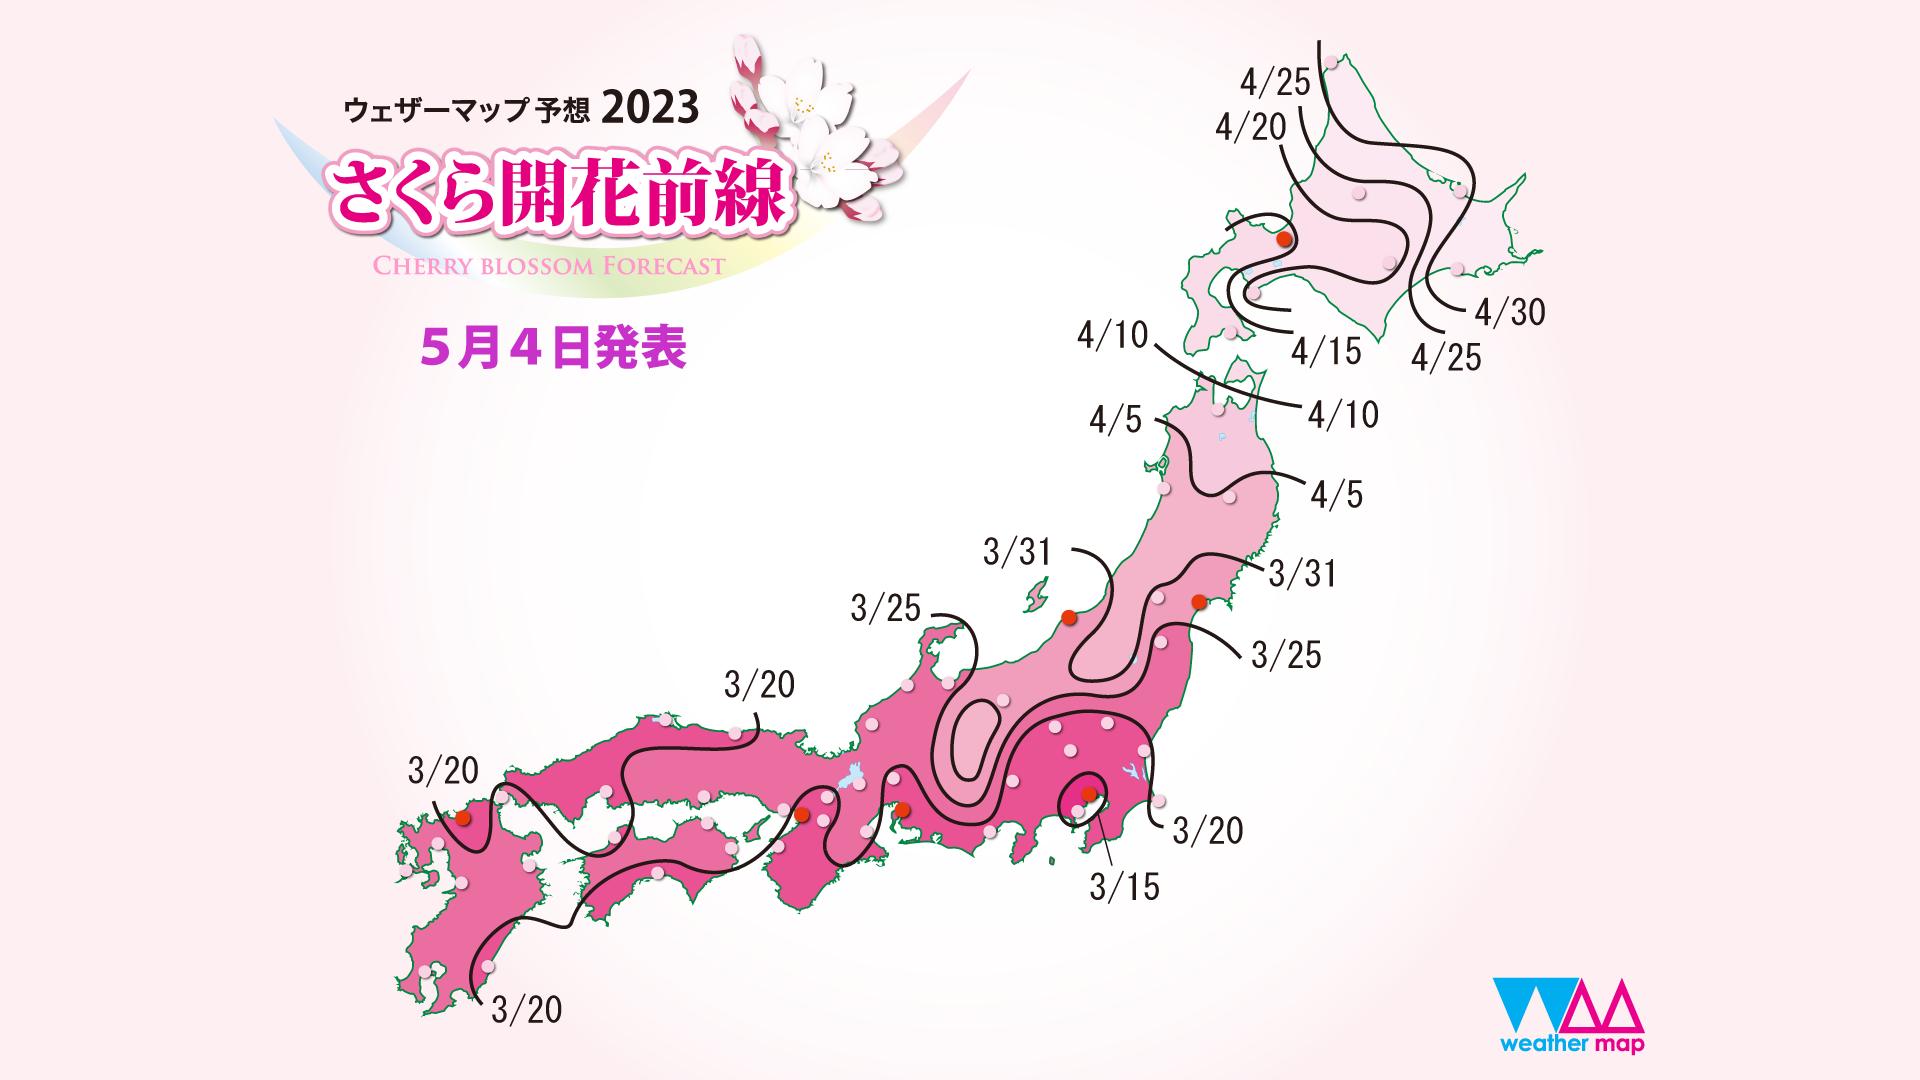 予想 桜 開花